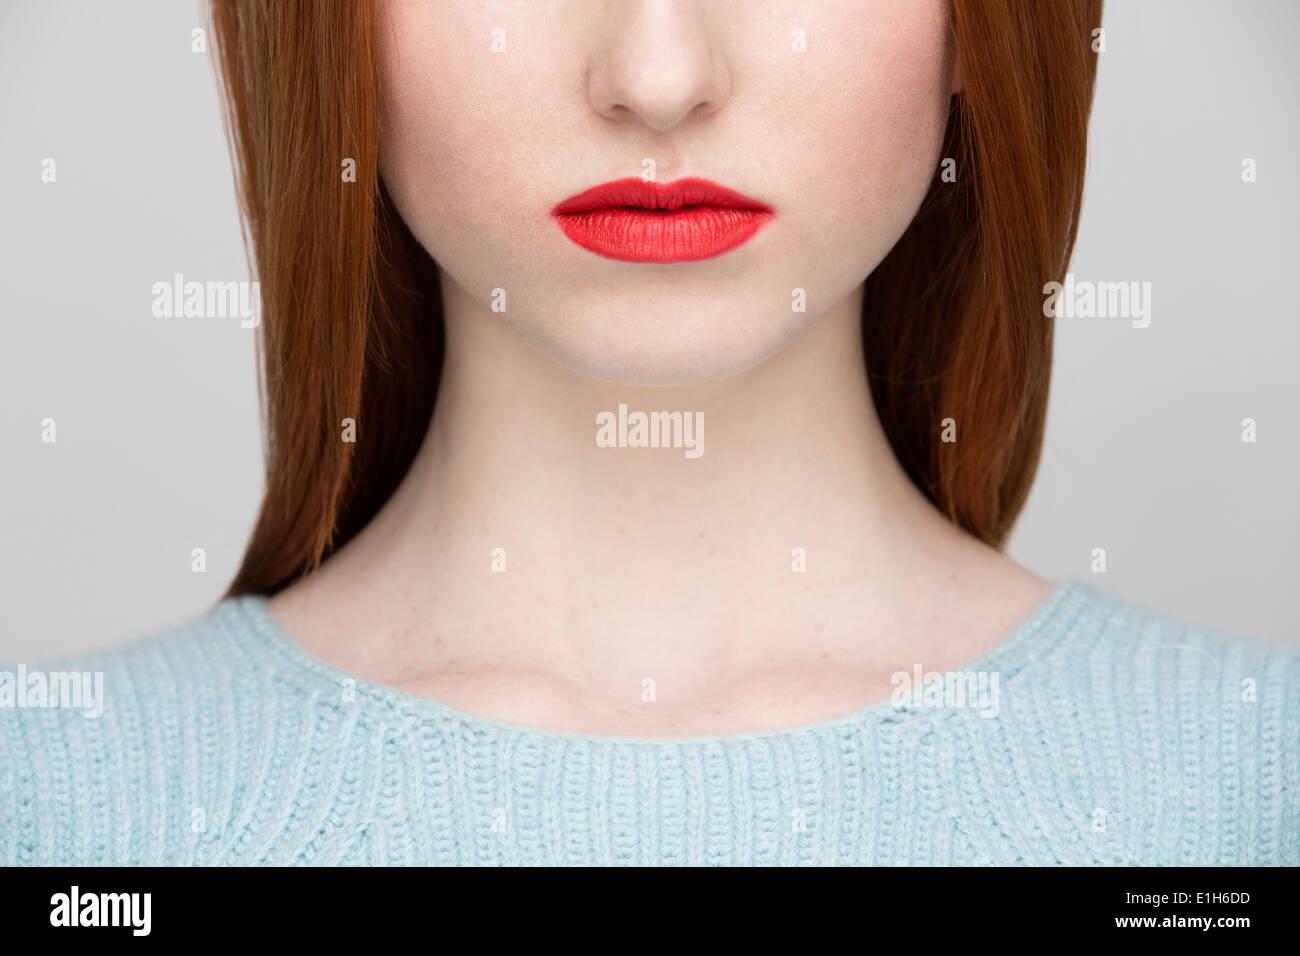 Zugeschnittenes Bild junge Frau Lippen Stockbild